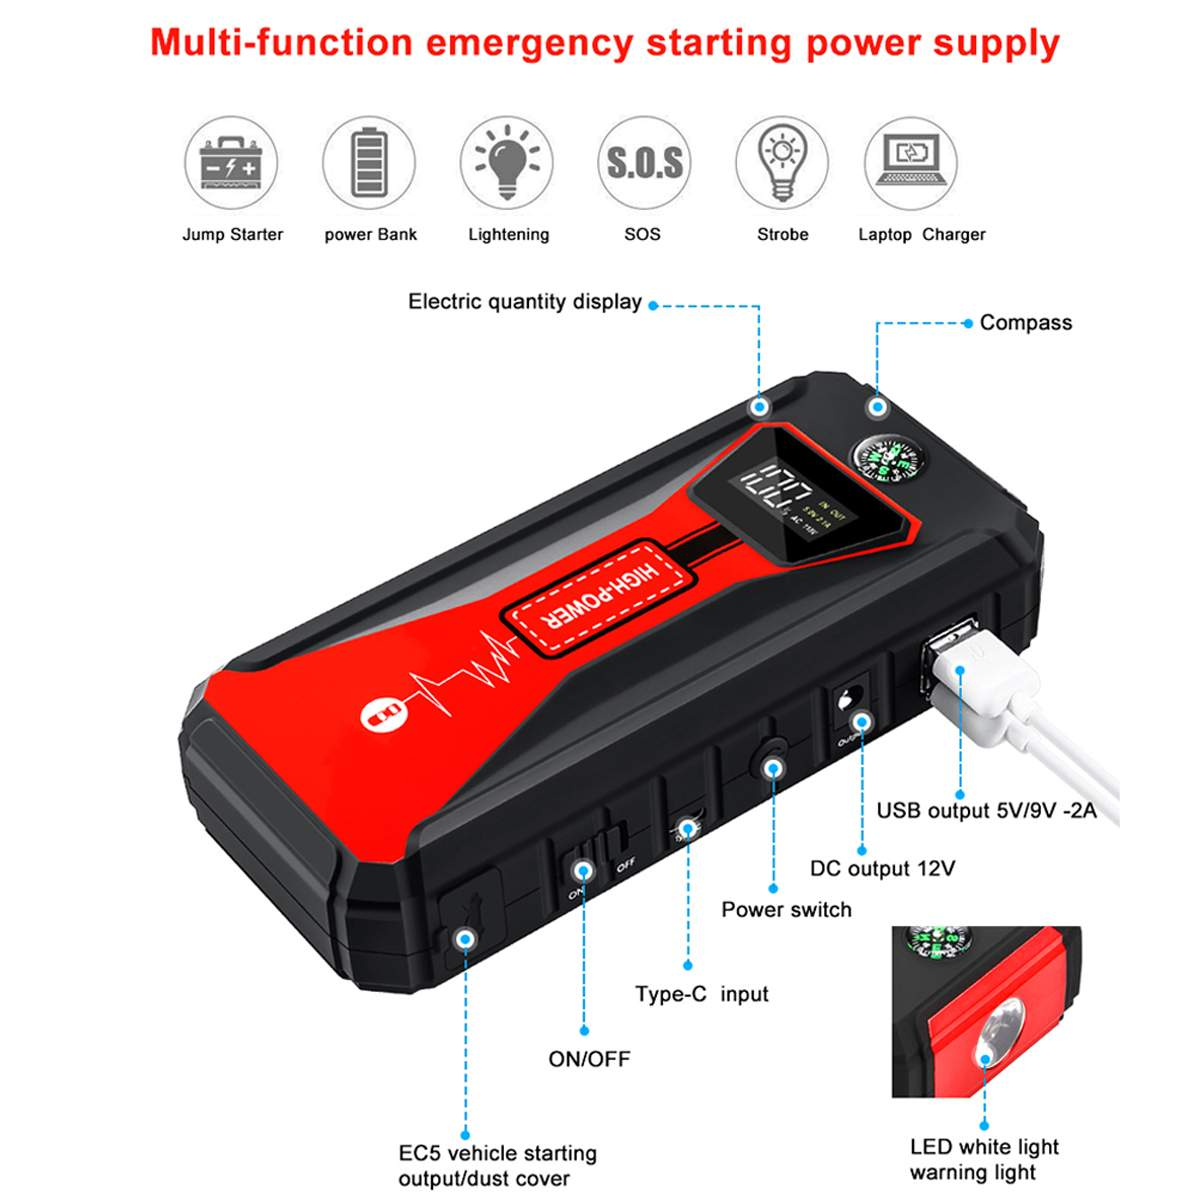 88000 mAh Démarreur Voiture De Saut 12 v batterie externe chargeur portable voiture Multi-fonction Cavalier de Démarrage D'urgence De Voiture amplificateur de batterie